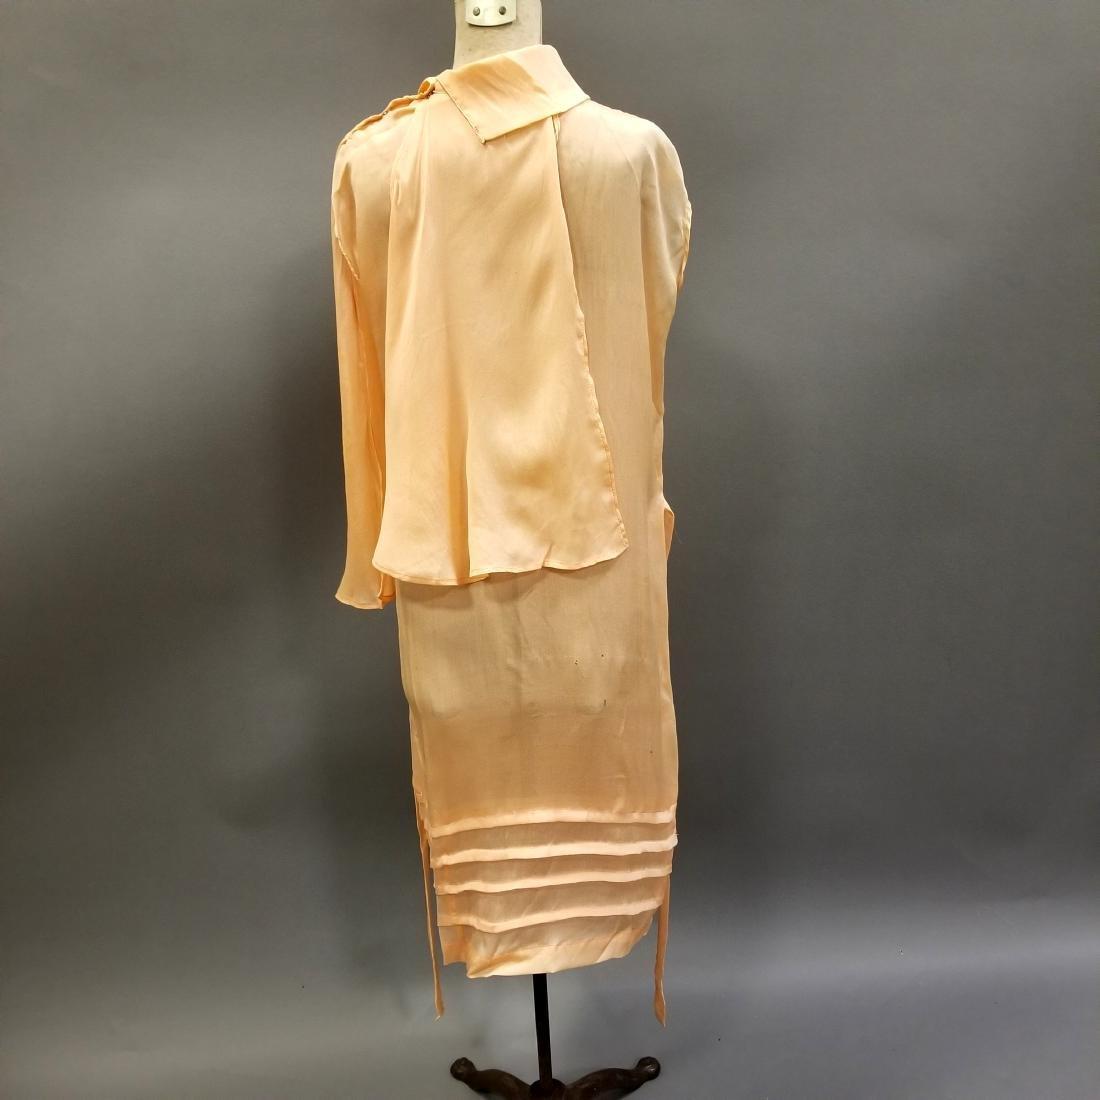 Youthful Peach Silk Dress - 2